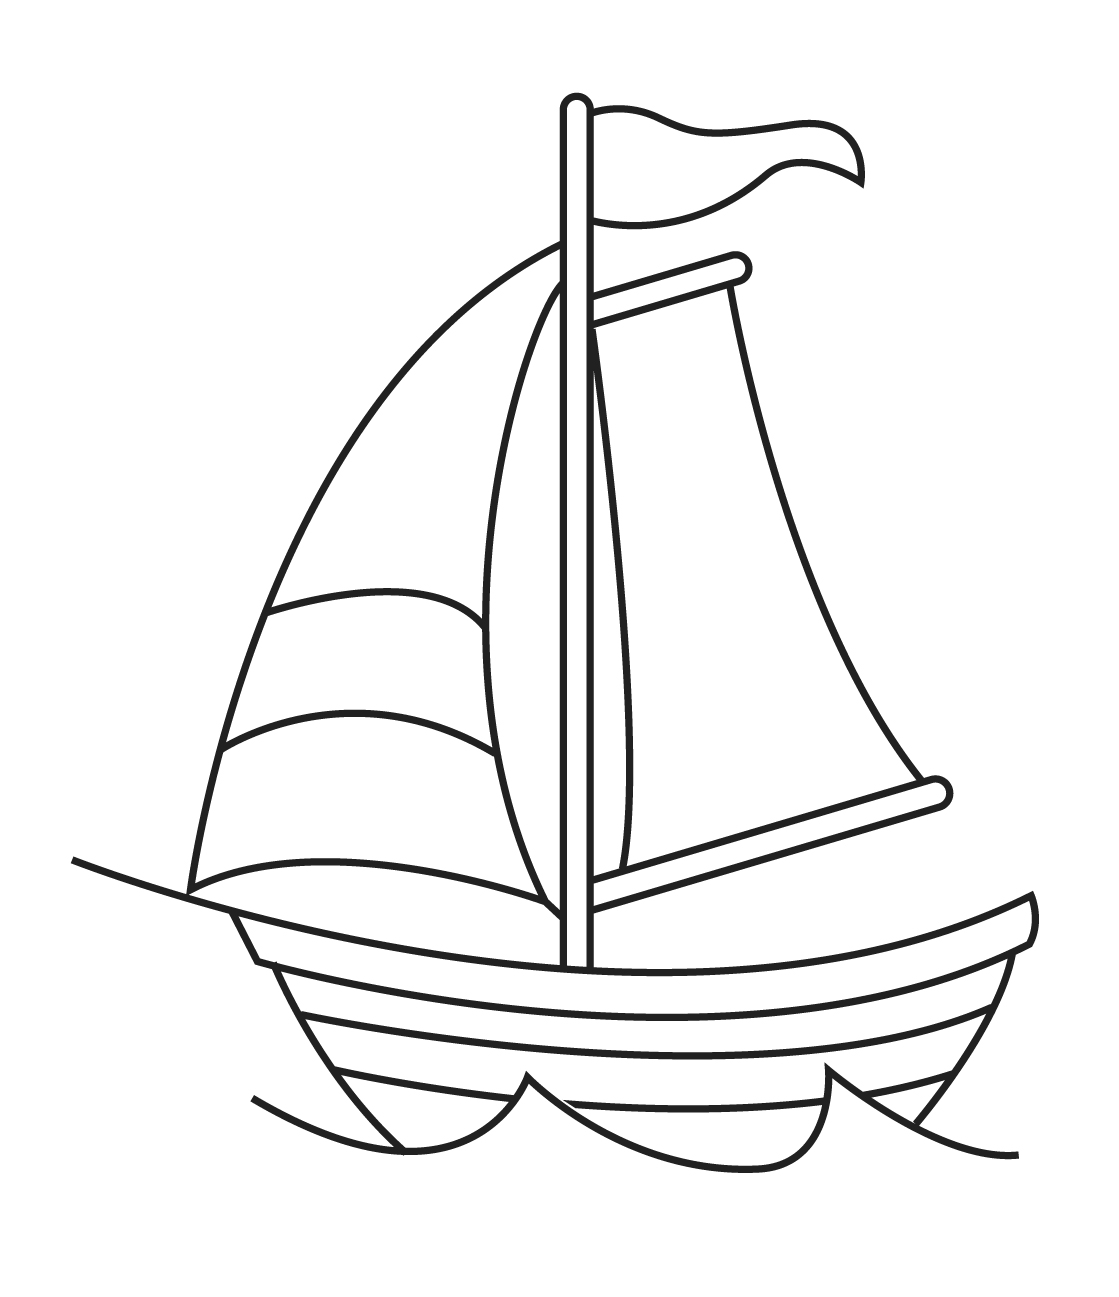 Boat Diagrams Basic